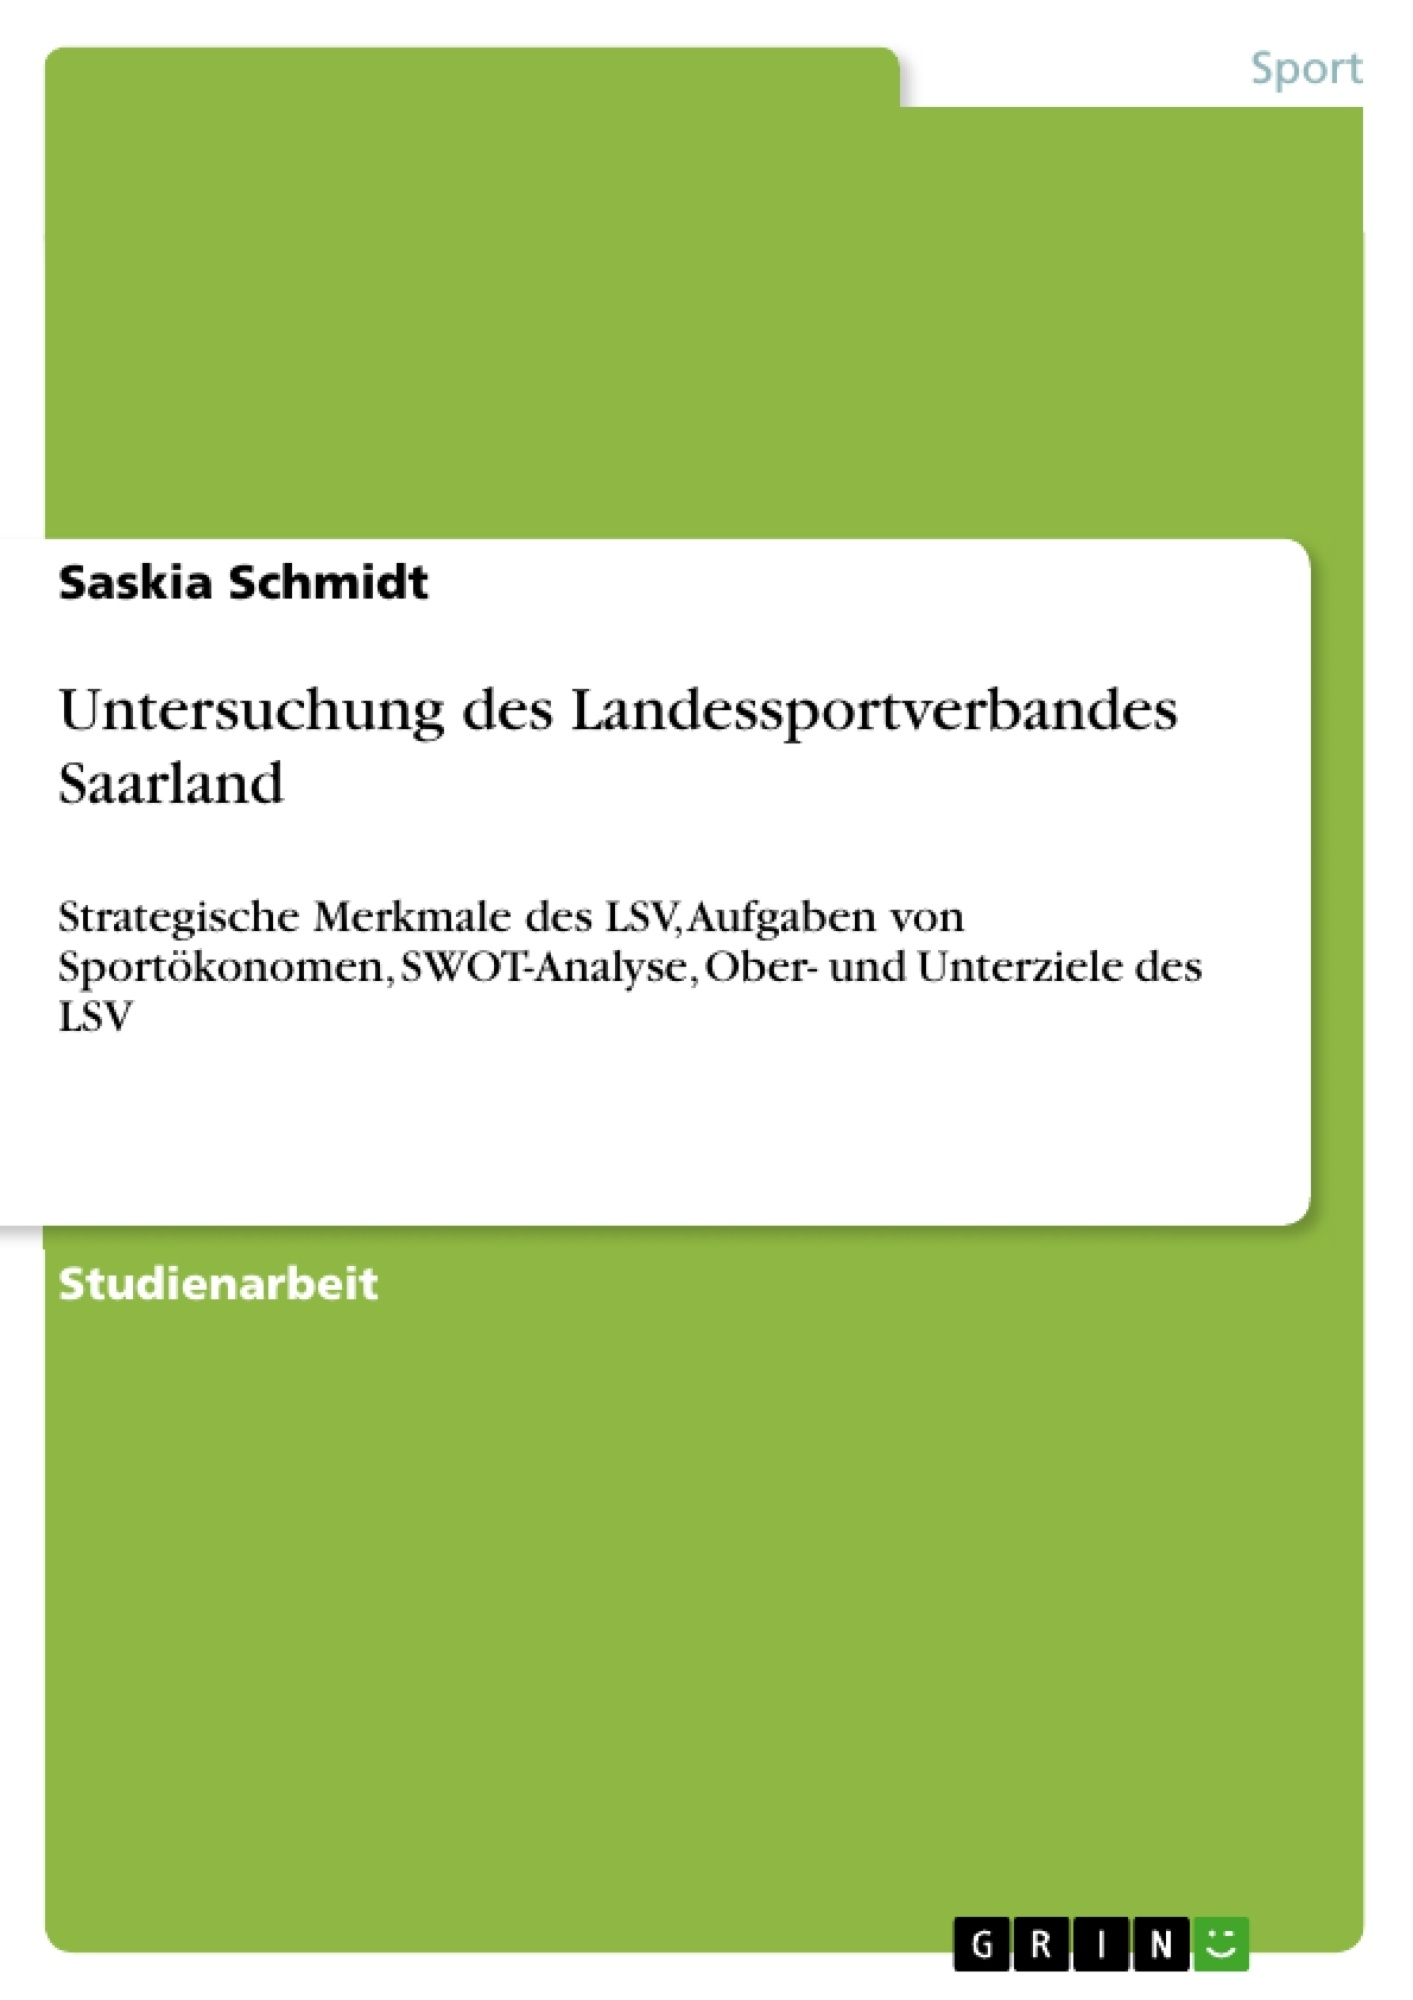 Titel: Untersuchung des Landessportverbandes Saarland